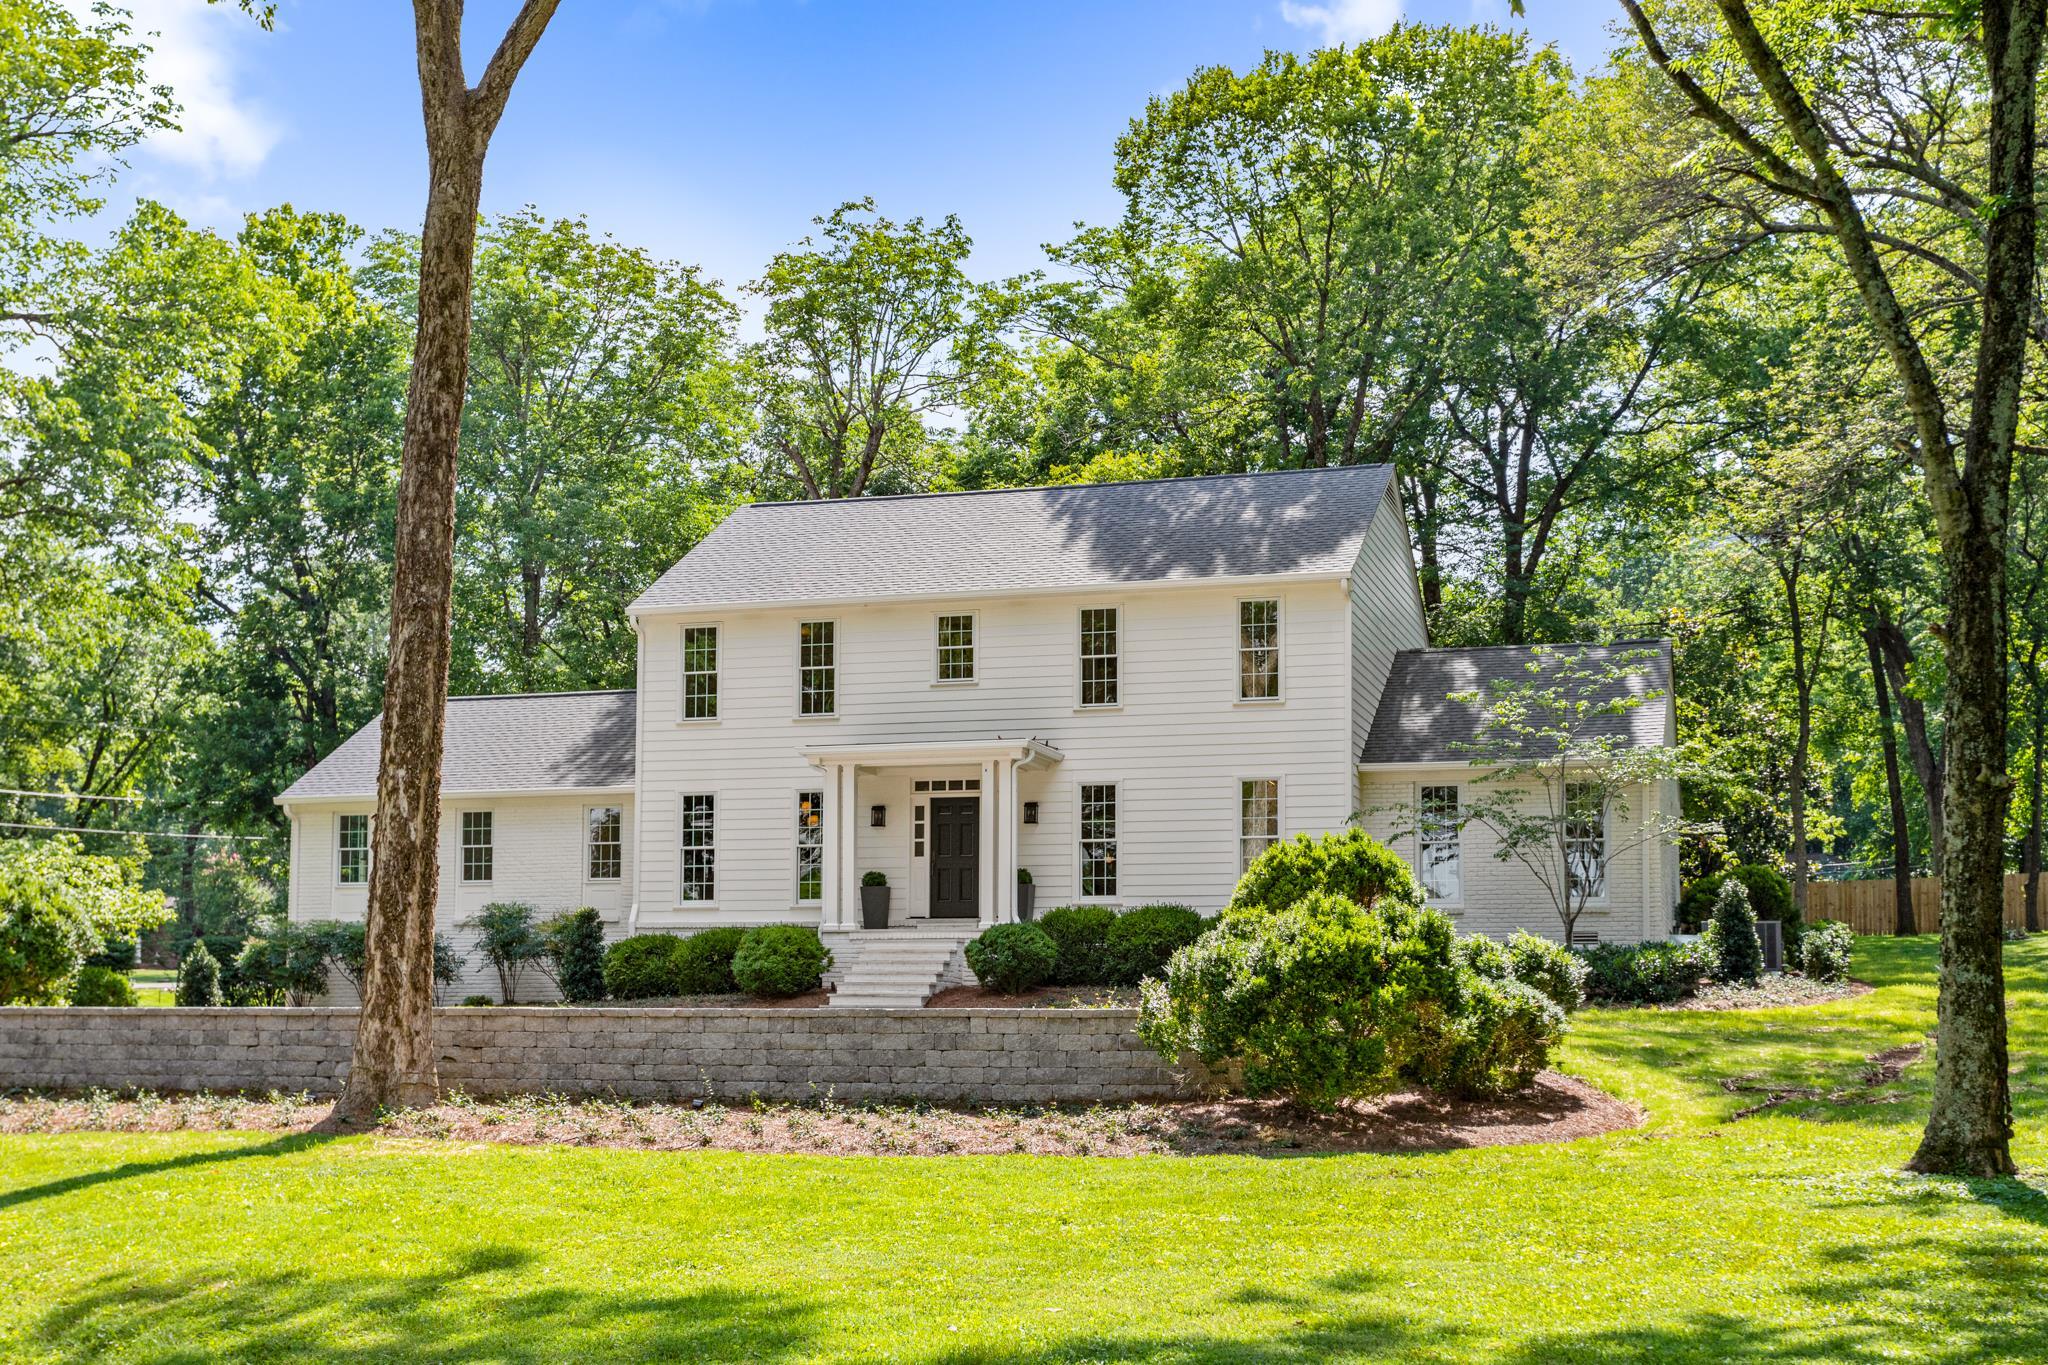 5107 Franklin Pike, Nashville, TN 37220 - Nashville, TN real estate listing